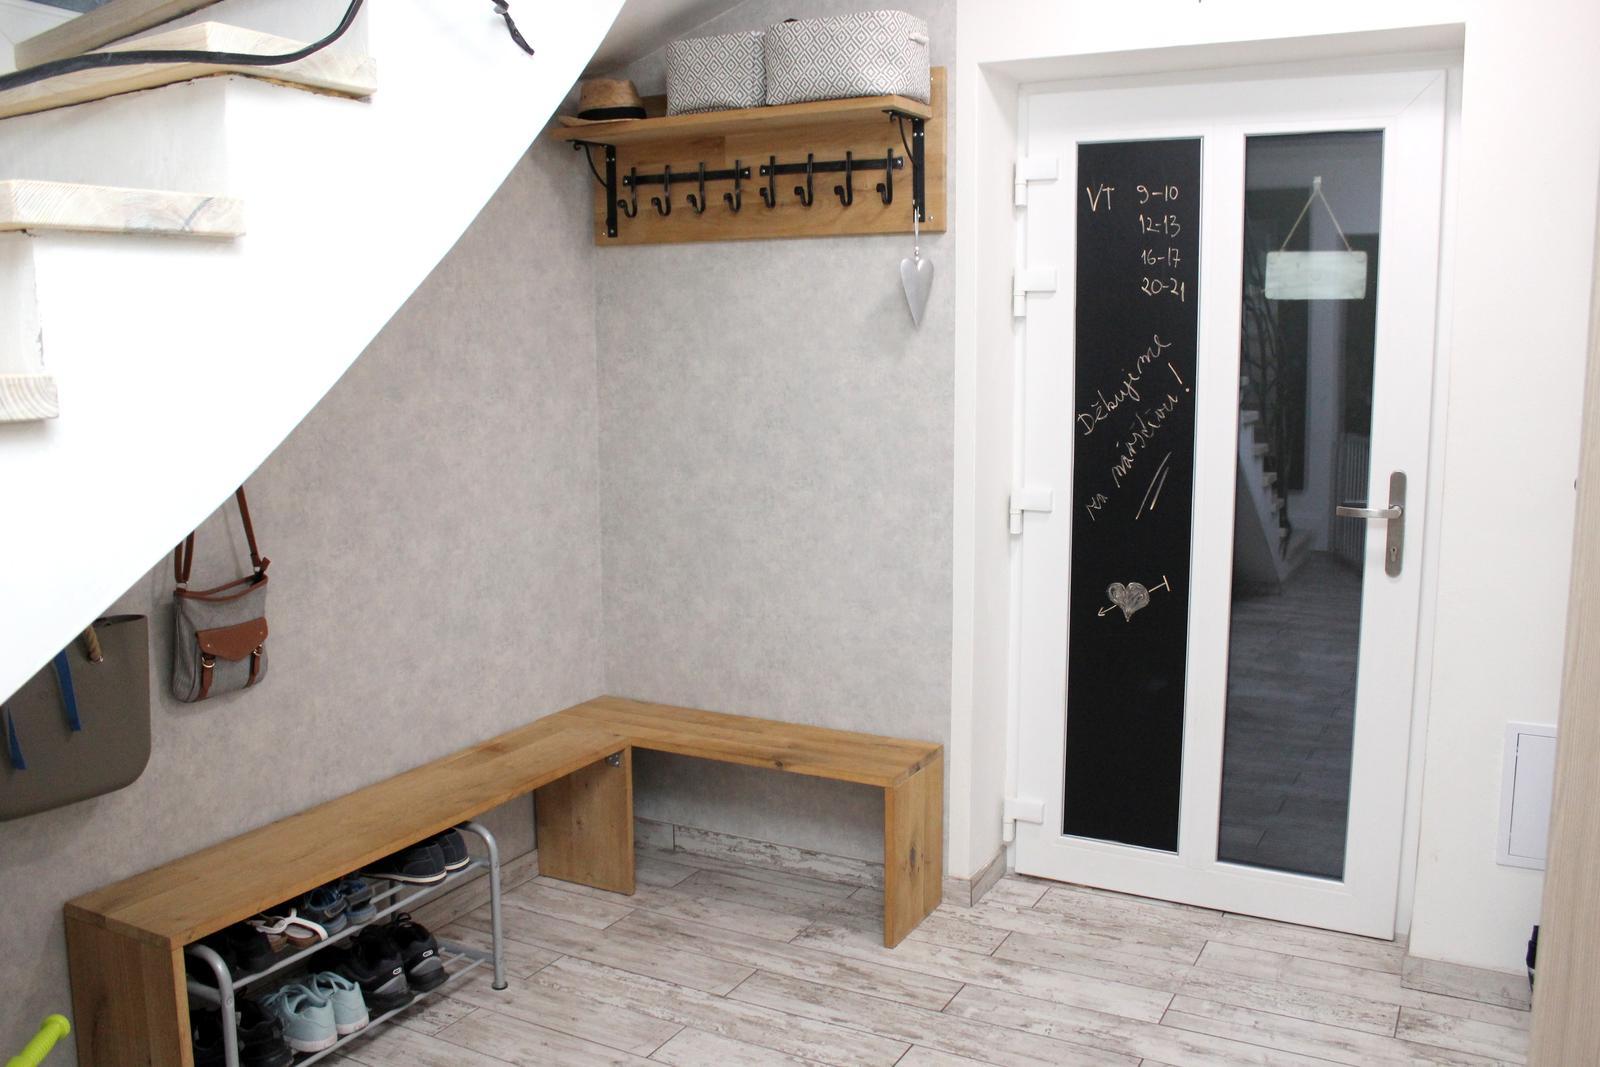 Finální podoba našeho bydlení ... i když člověk nikdy neví ;) - Obrázek č. 3